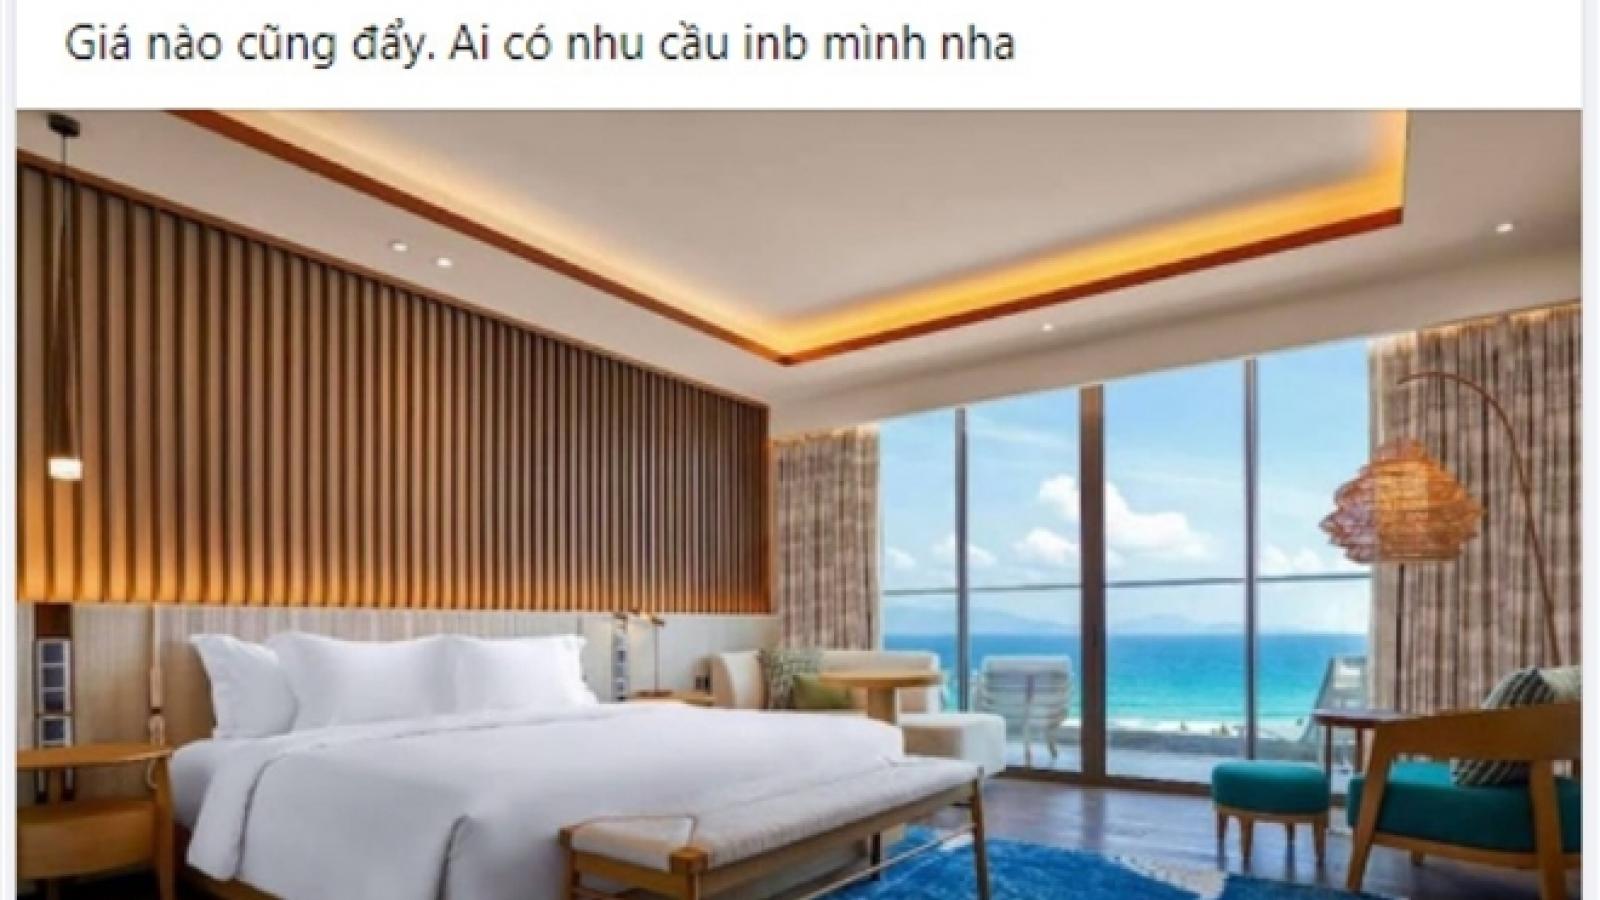 """Voucher khách sạn cao cấp bị """"mắc cạn"""", đồng loạt thanh lý giá rẻ vẫn ế ẩm"""